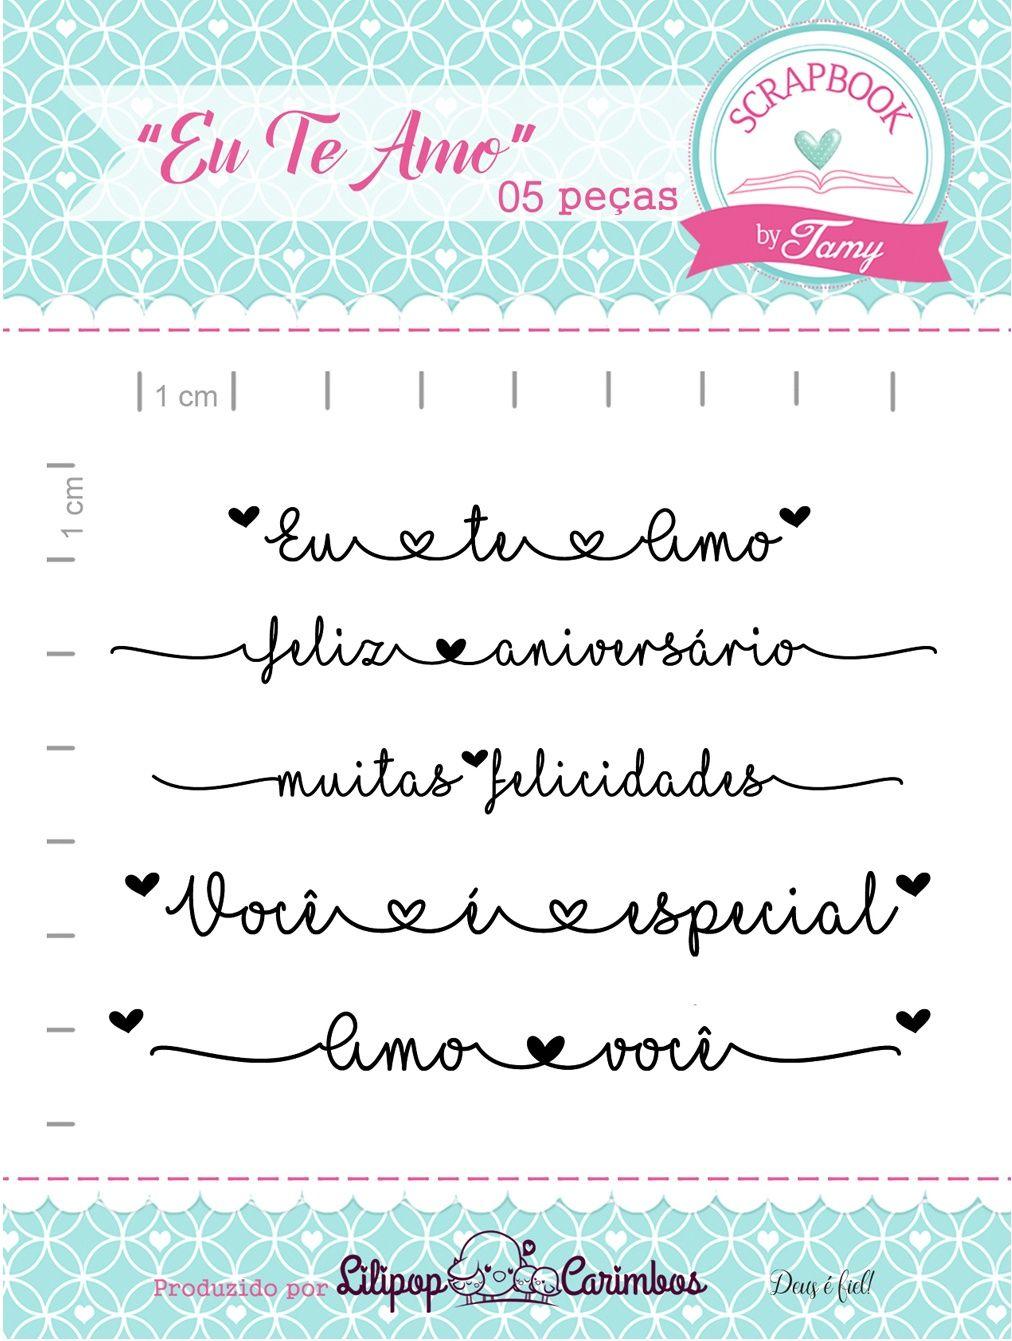 Kit de Carimbos - Eu te Amo - Scrapbook by Tamy